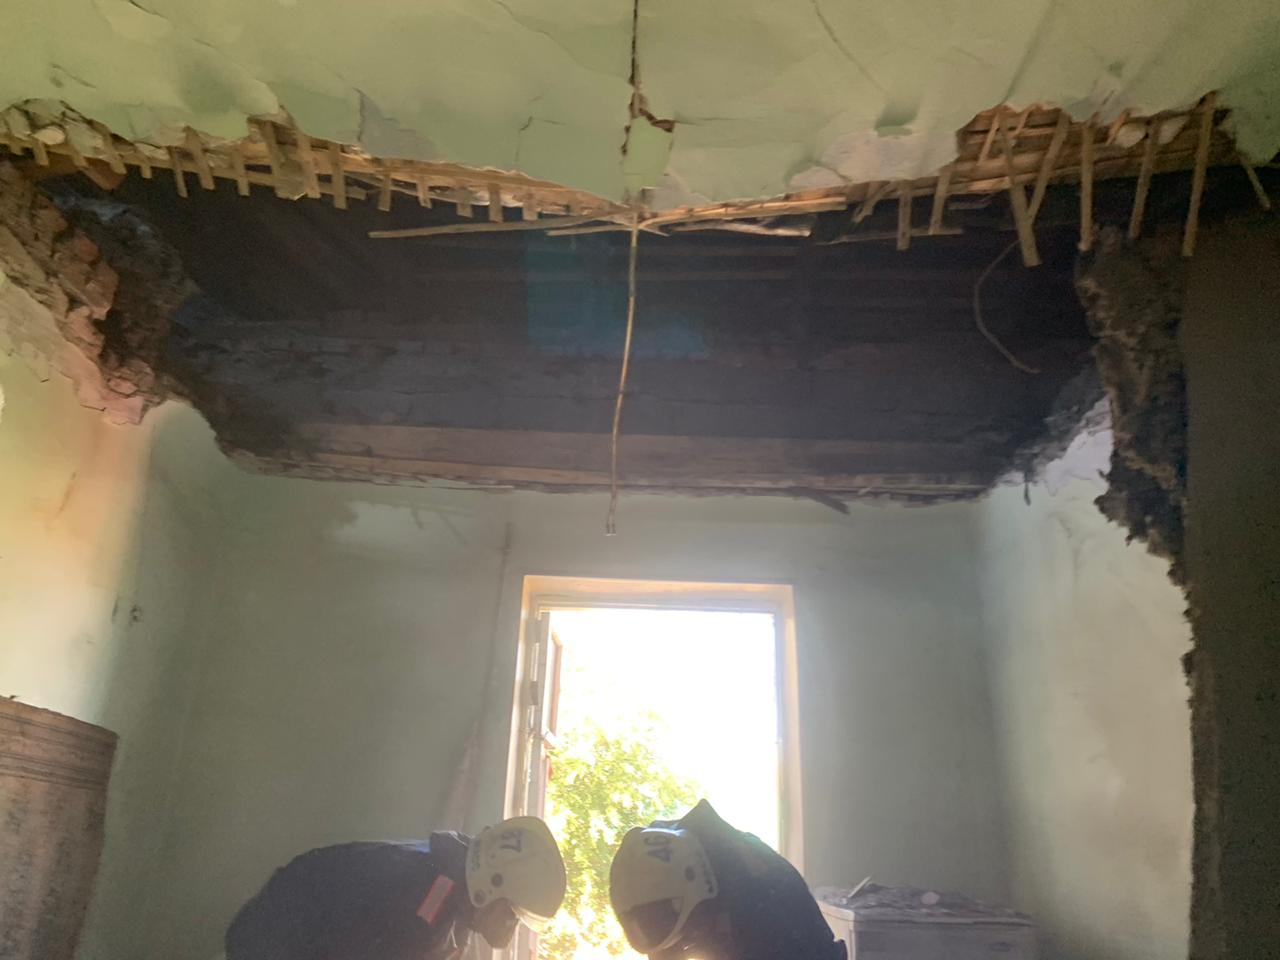 В Новосибирске произошло обрушение в многоквартирном доме: сообщают об одном погибшем